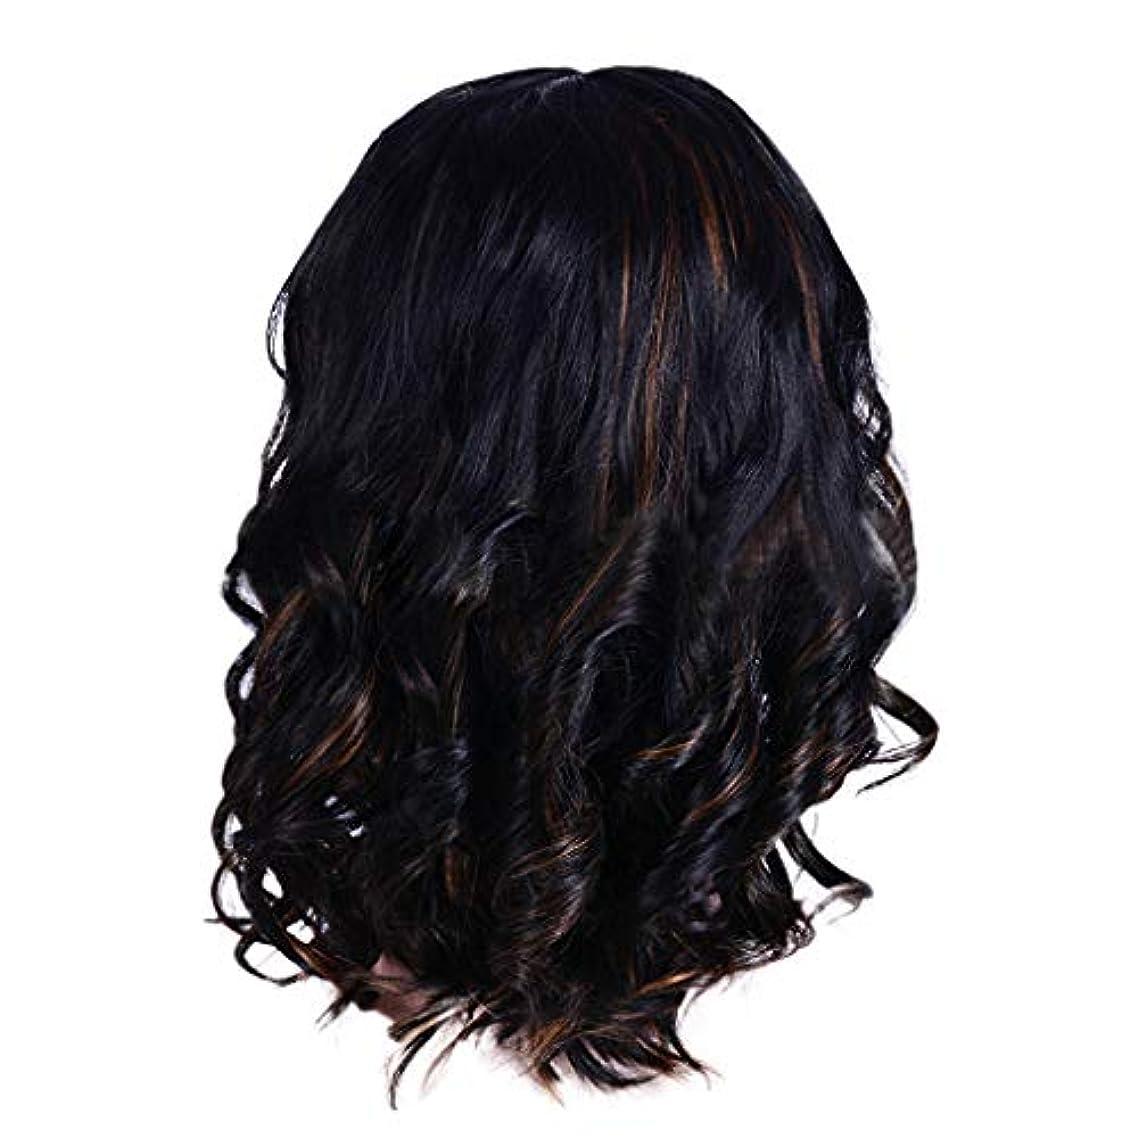 暫定セットする平等ウィッグの女性の短い巻き毛の黒ボブエレガントなファッションウィッグ